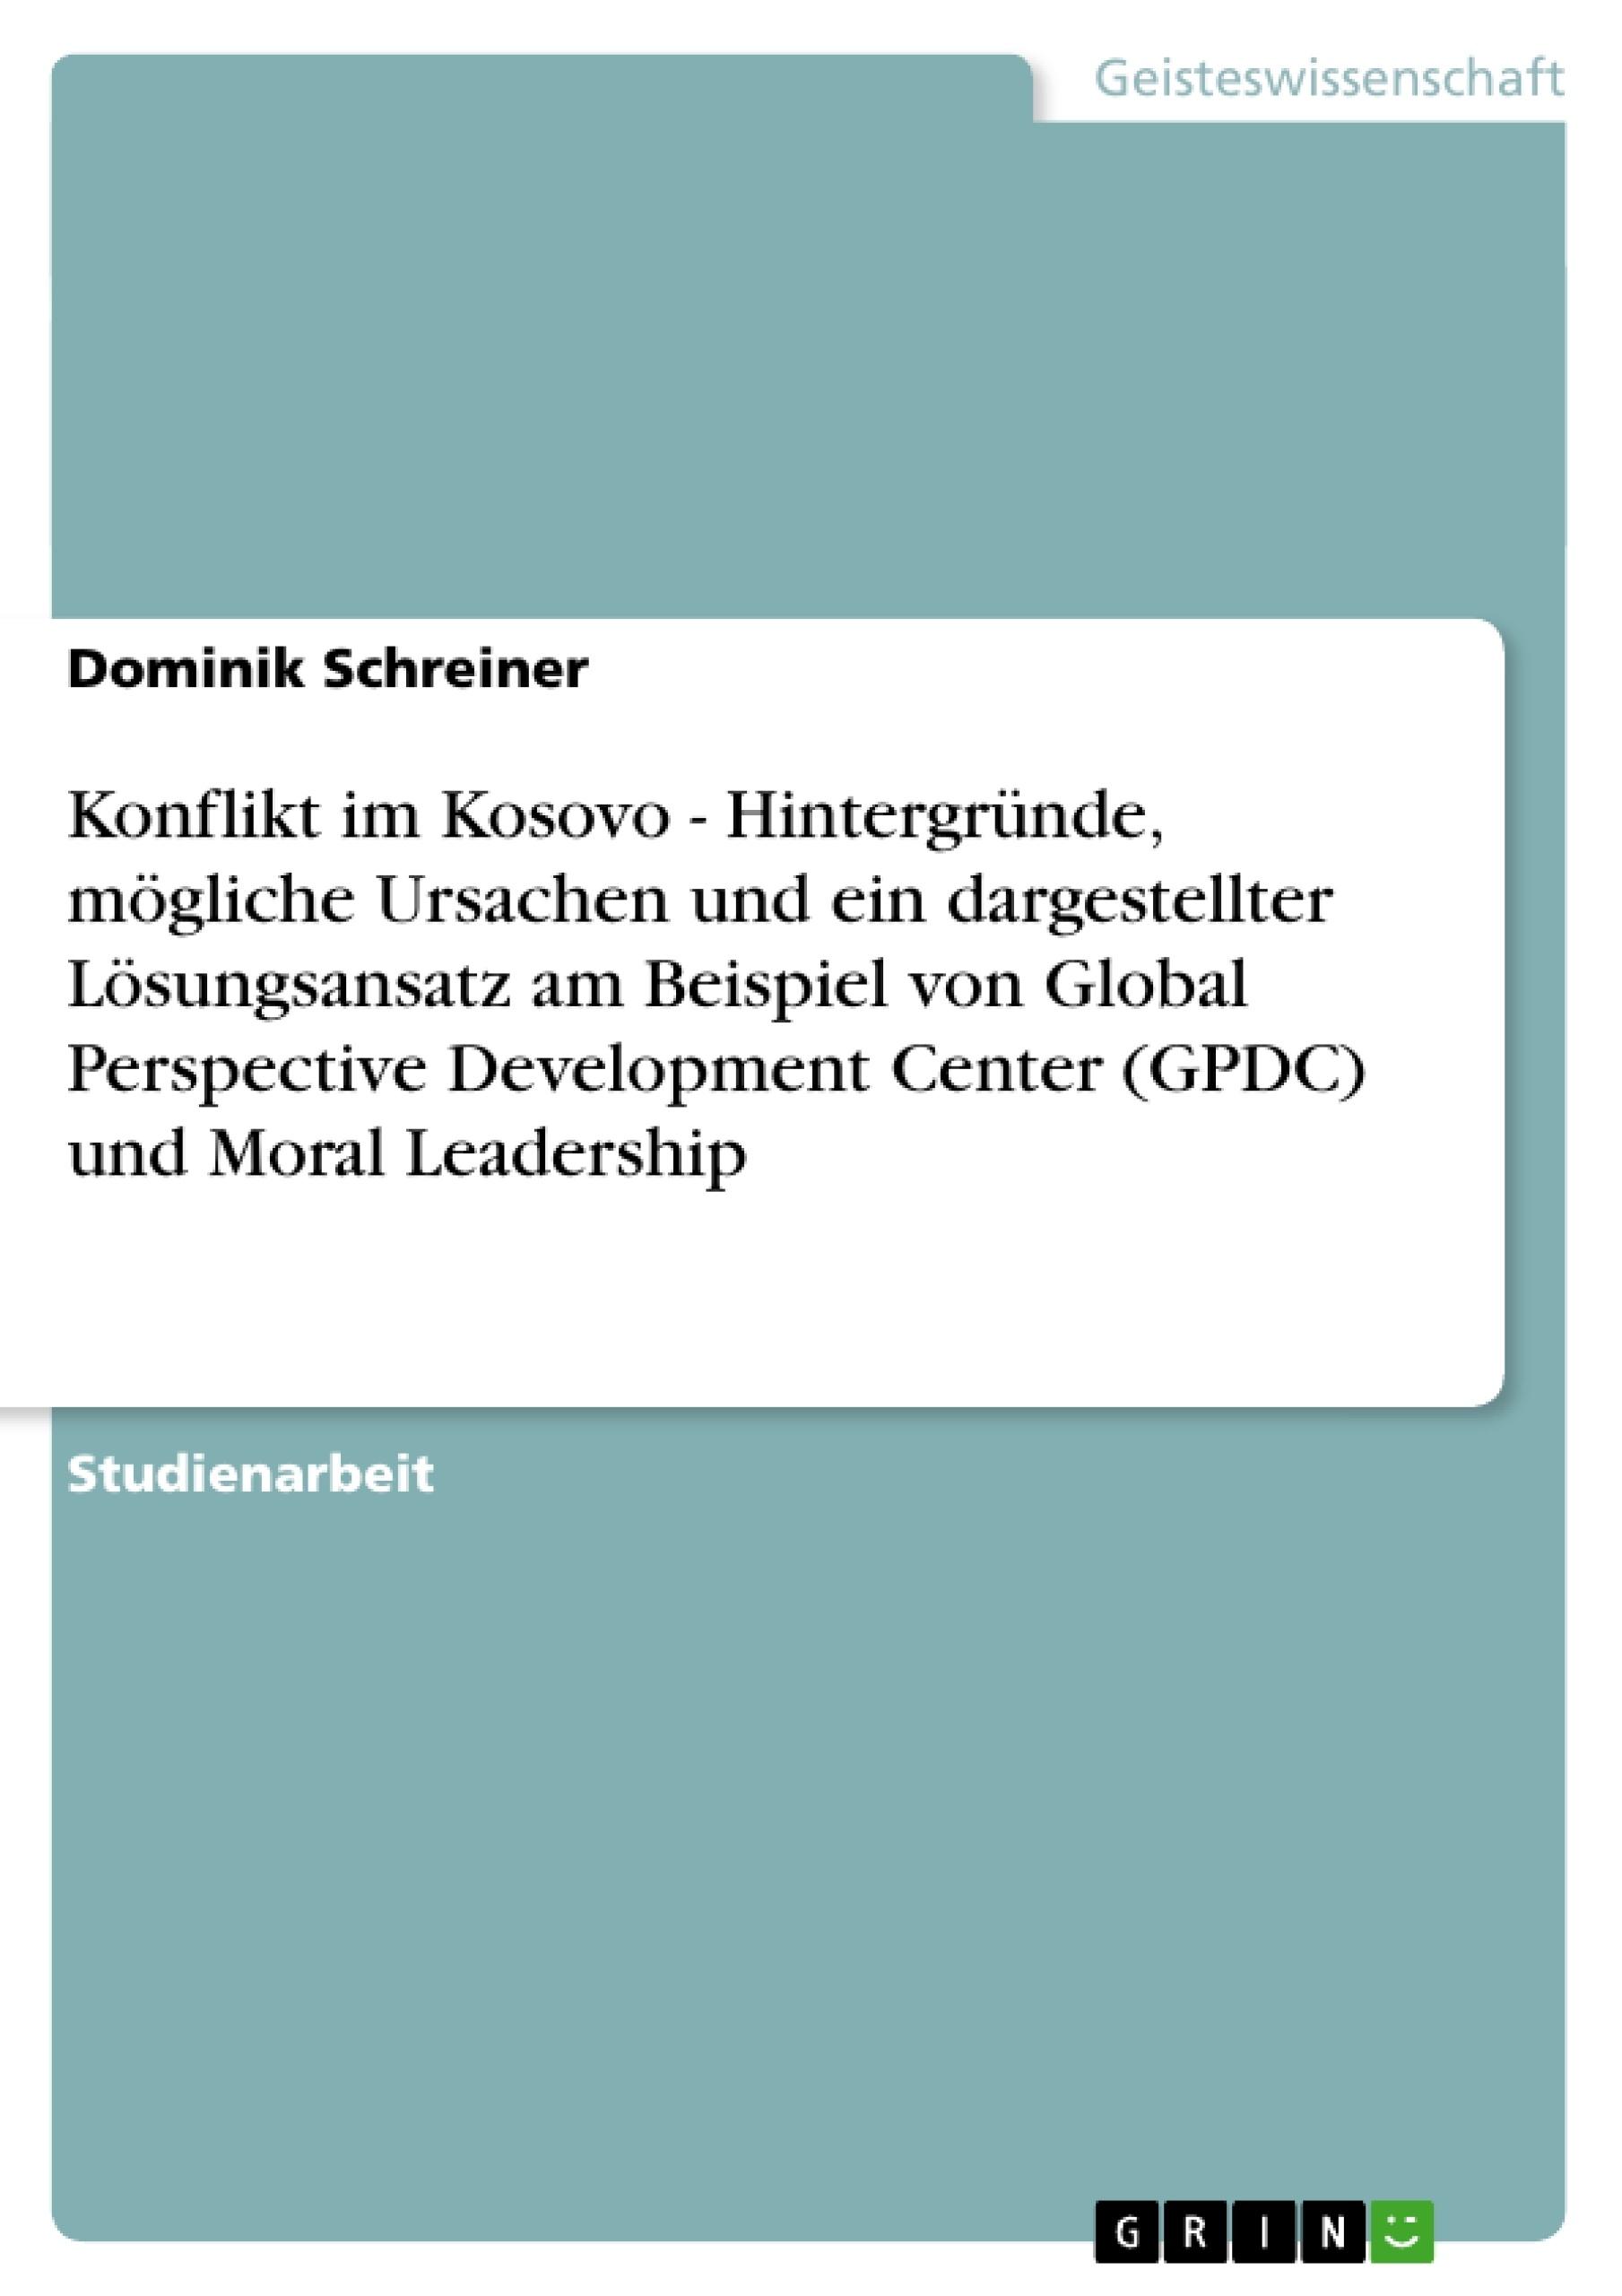 Titel: Konflikt im Kosovo - Hintergründe, mögliche Ursachen und ein dargestellter Lösungsansatz am Beispiel von Global Perspective Development Center (GPDC) und Moral Leadership